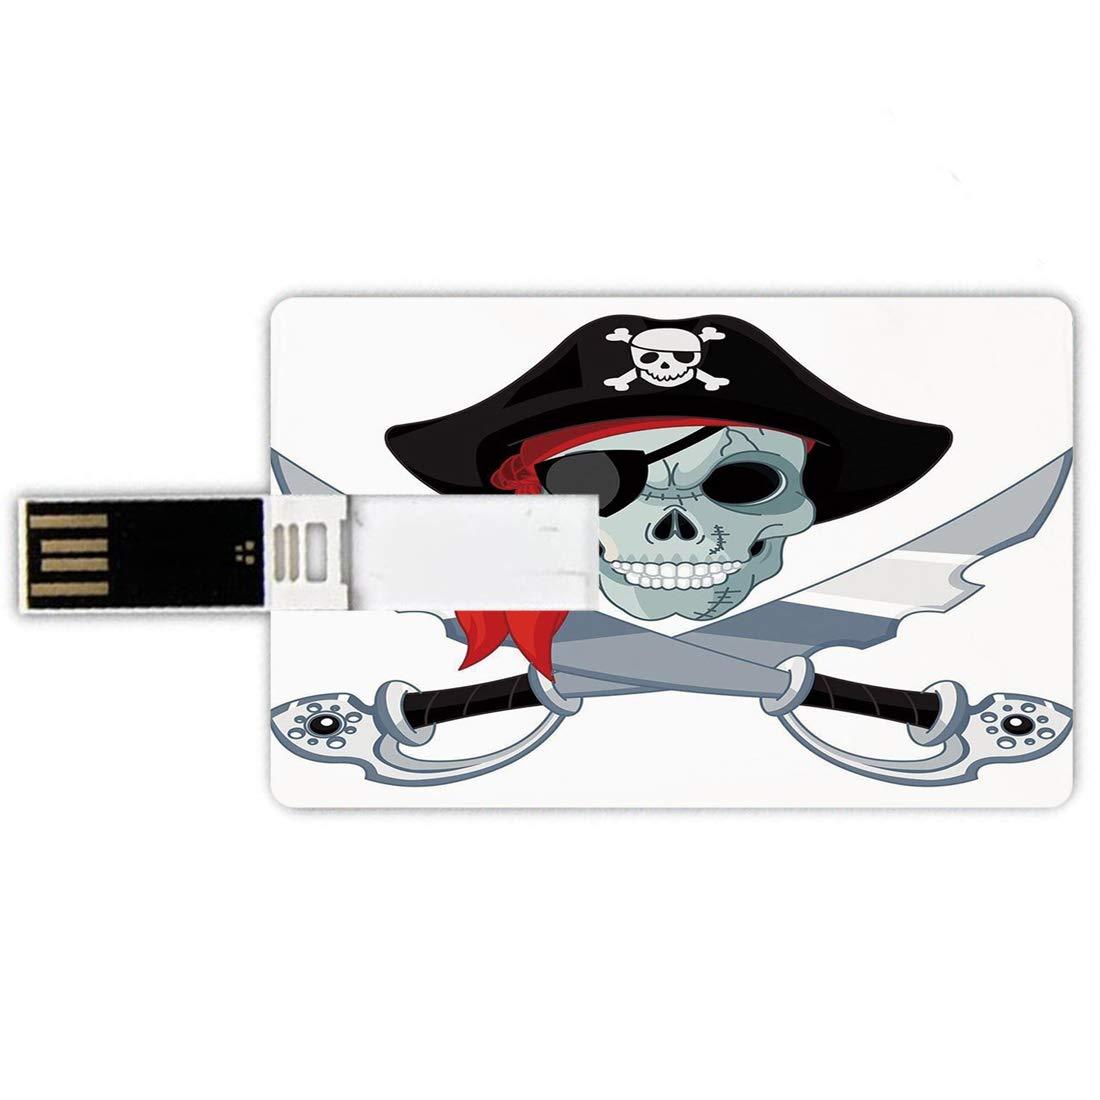 32GB Forma de tarjeta de crédito de unidades flash USB ...